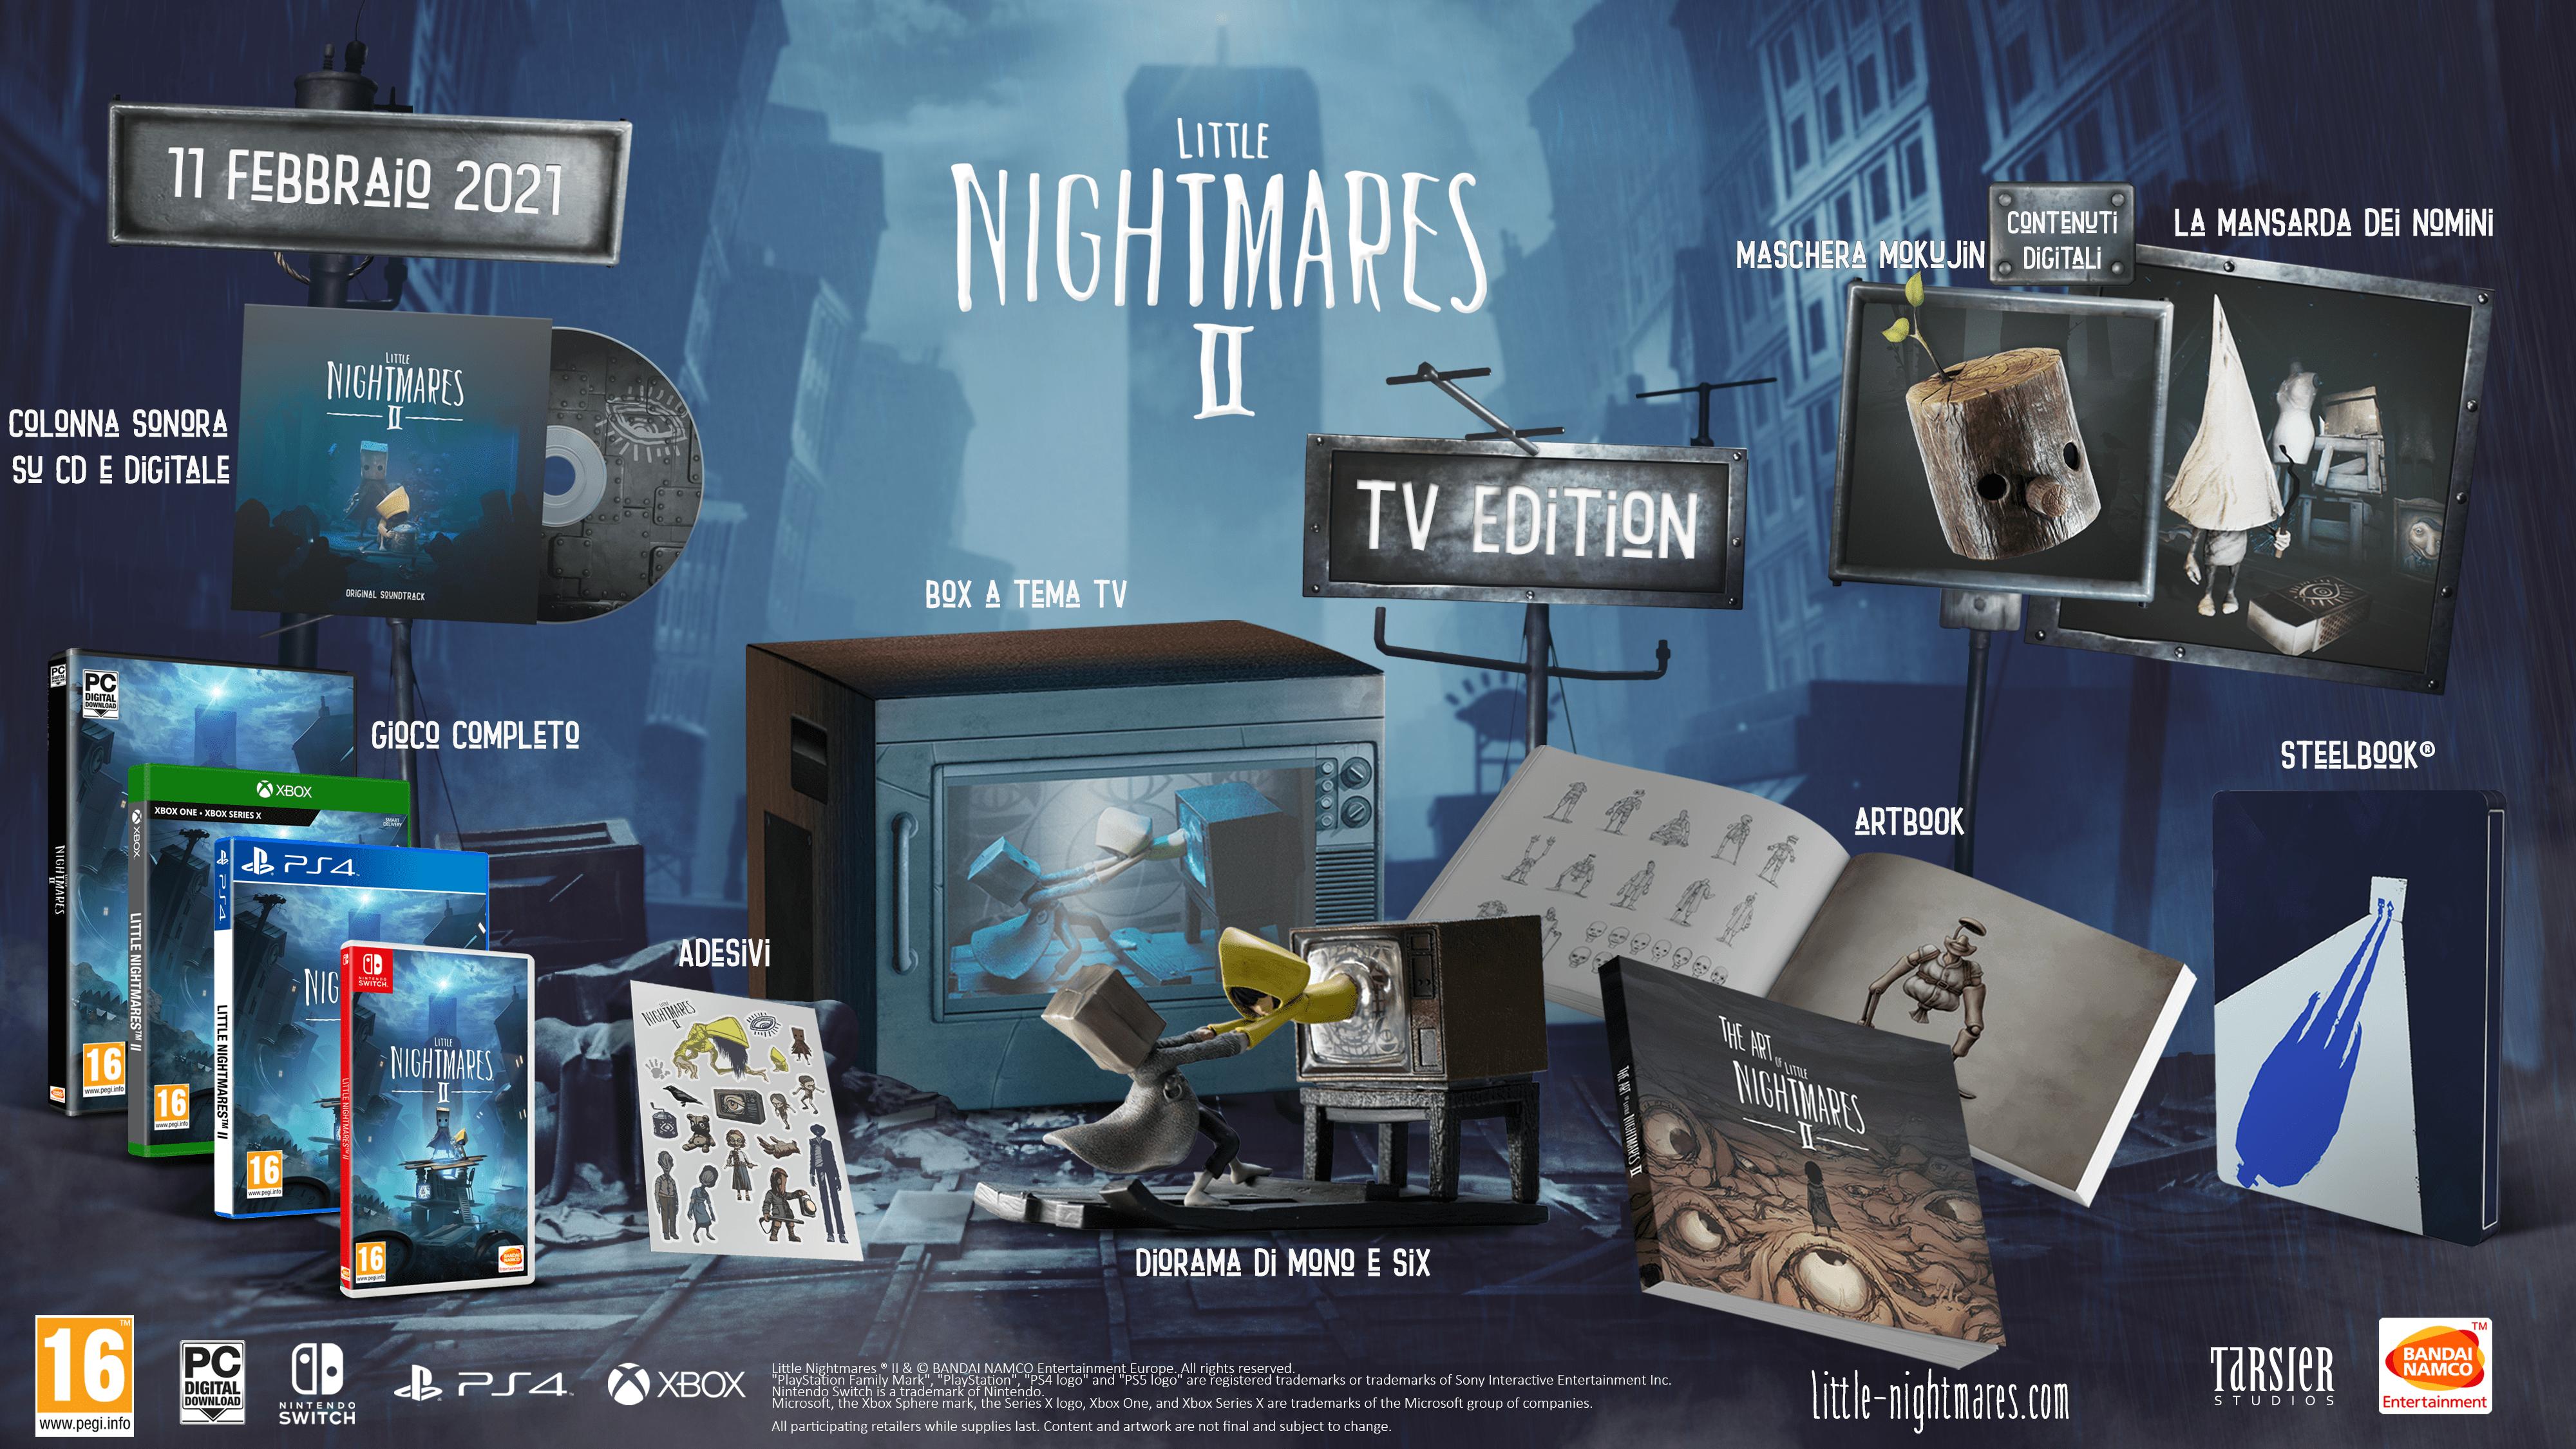 Little Nightmares II: i contenuti della Day-One Edition e TV Edition 2